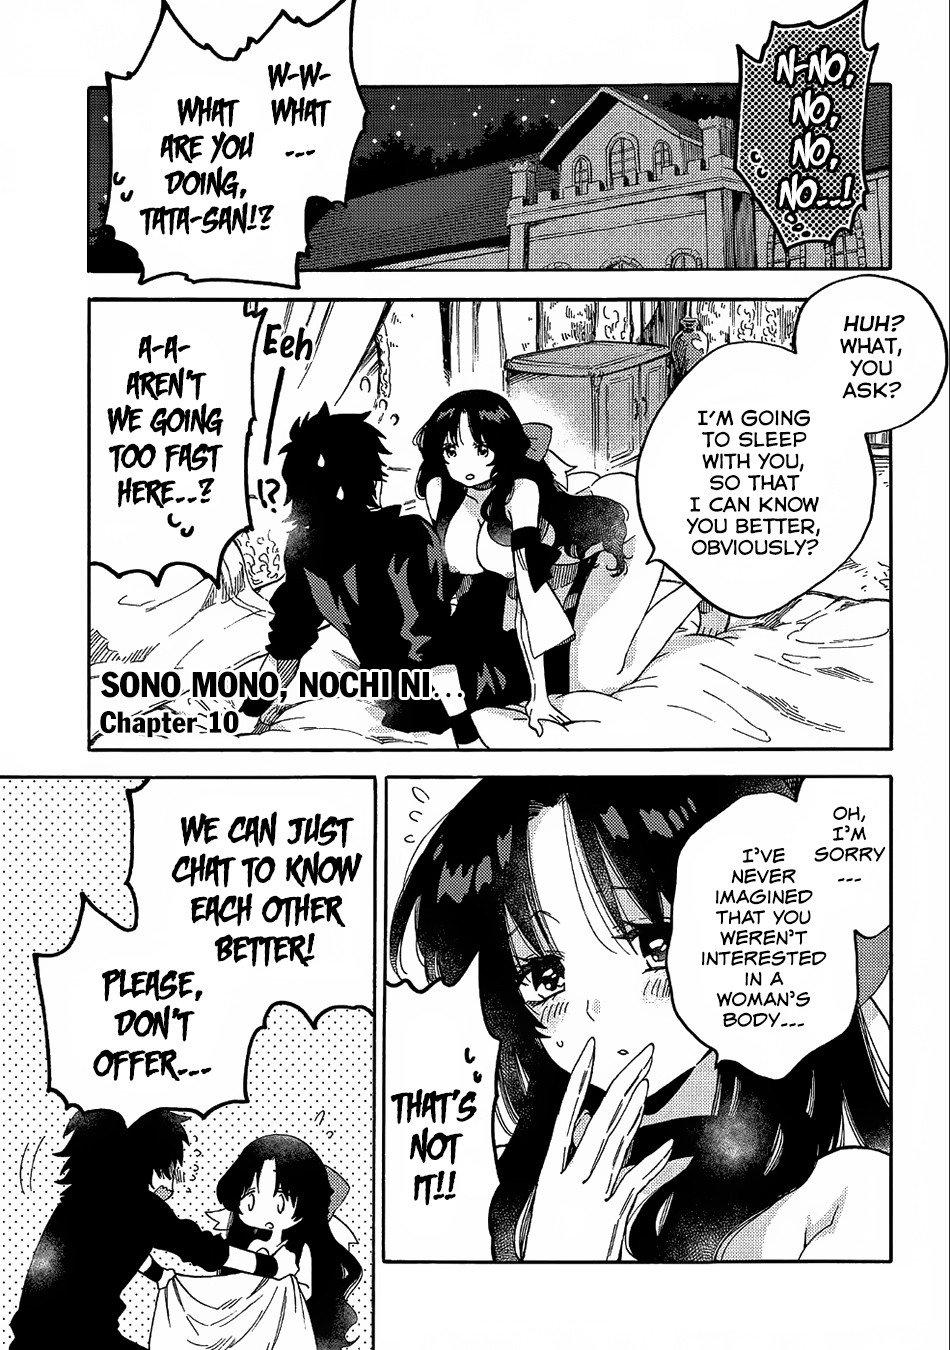 Manga Sono mono. Nochi ni... - Chapter 10 Page 2